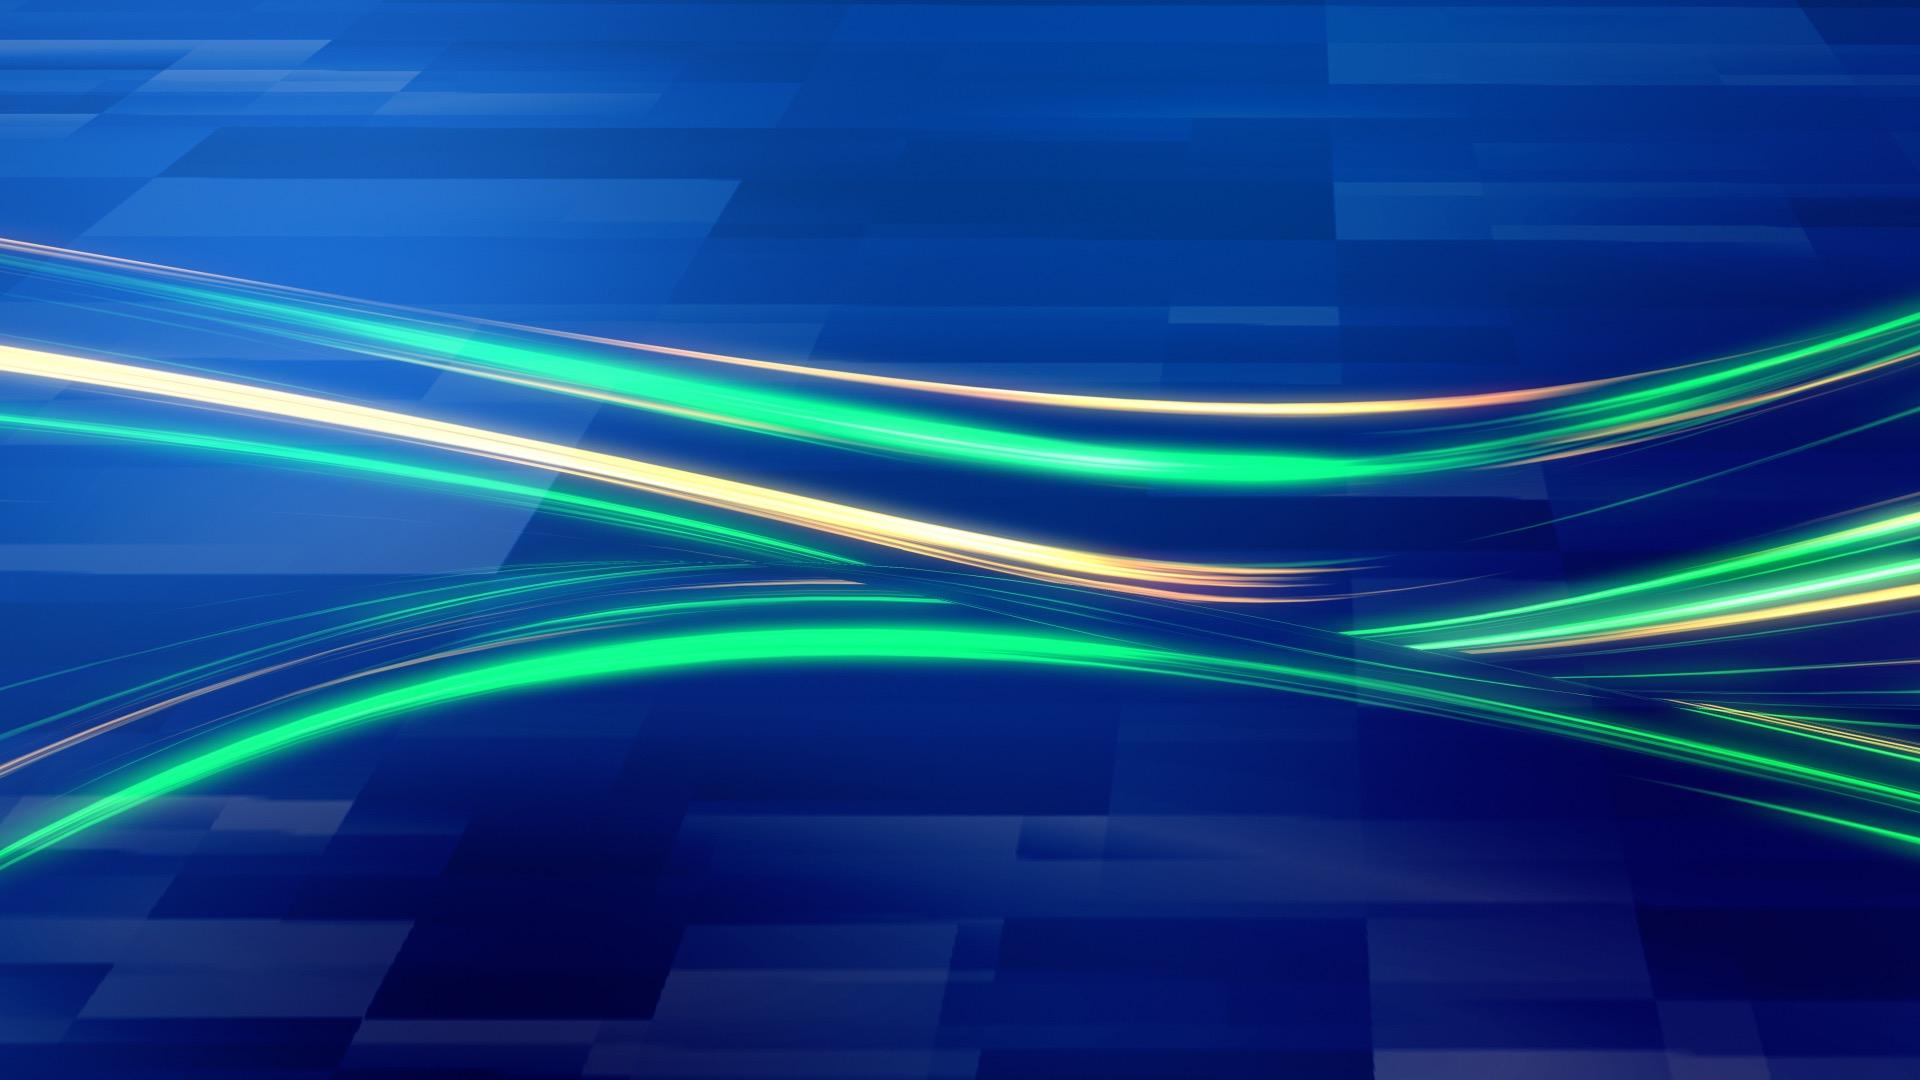 青いラインの背景素材